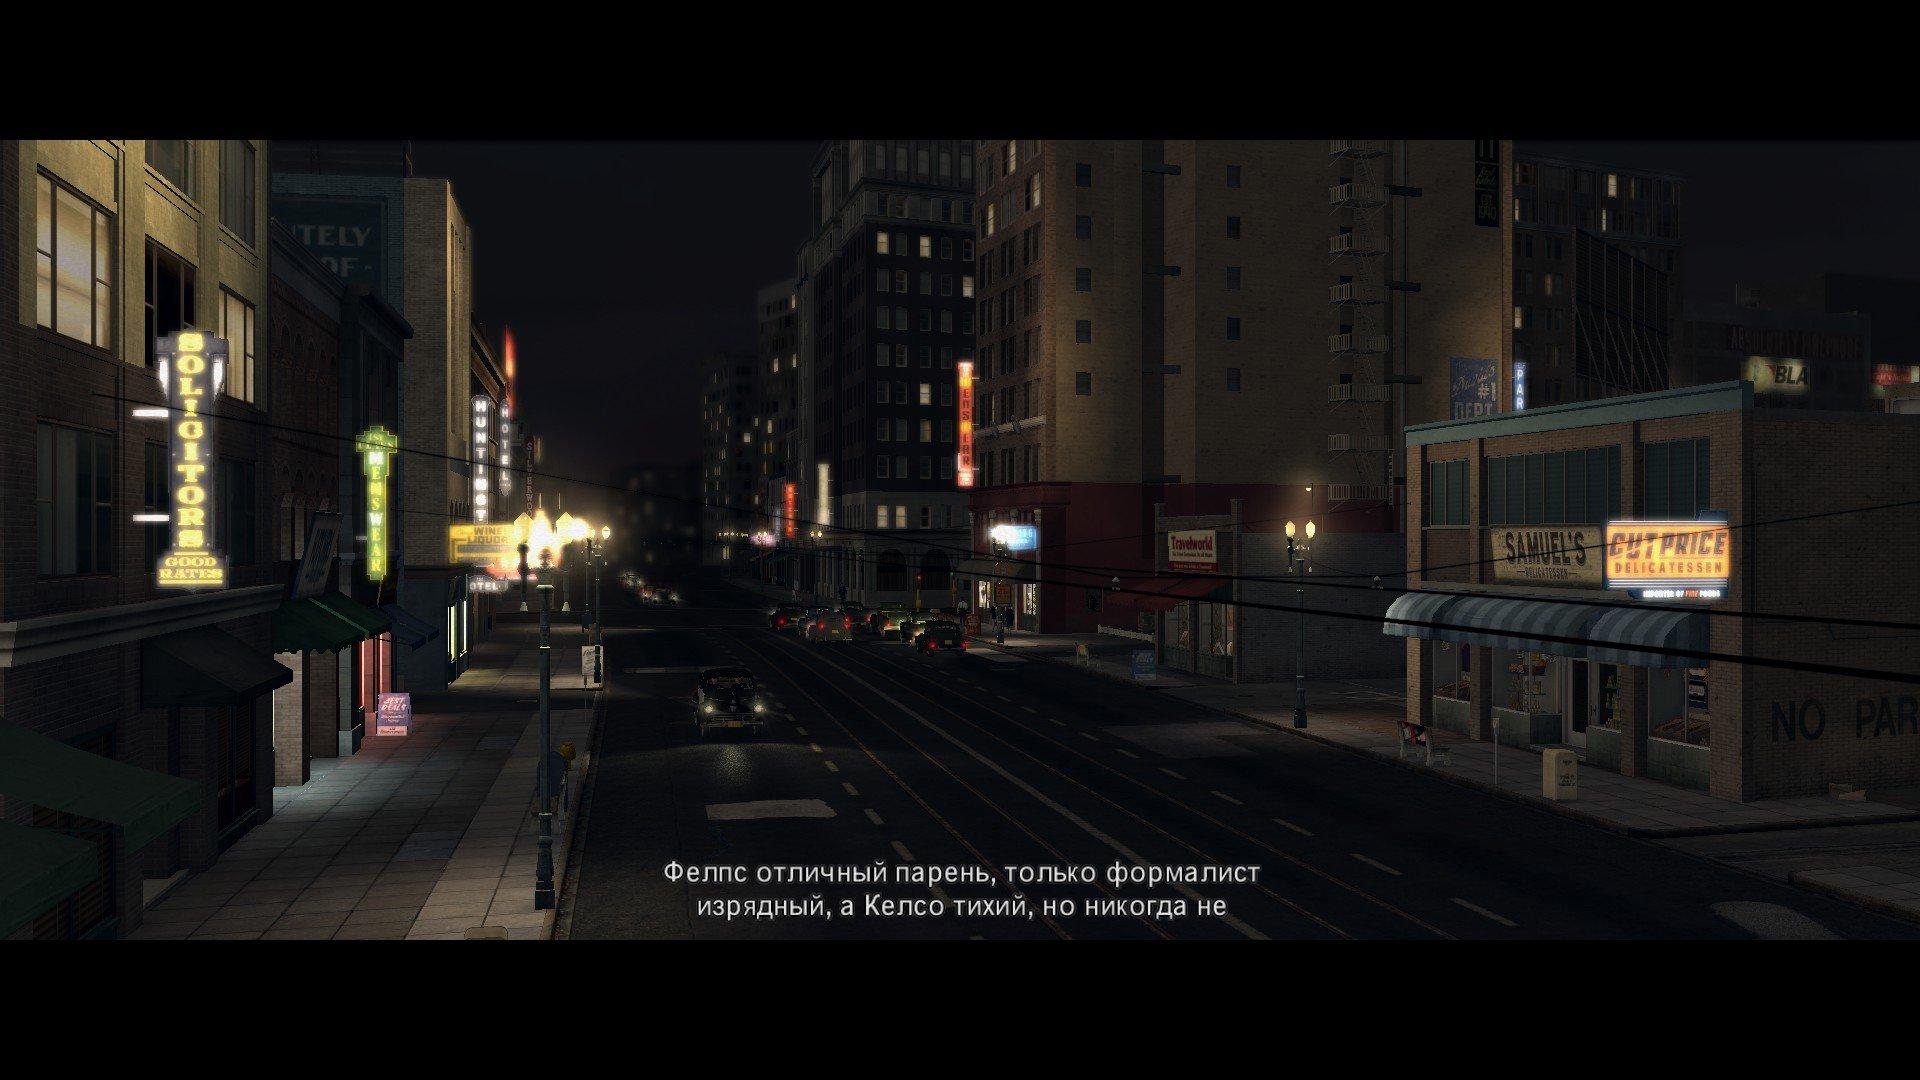 Пост-прохождение L.A. Noire Часть 1 НАЧАЛО!!!. - Изображение 32